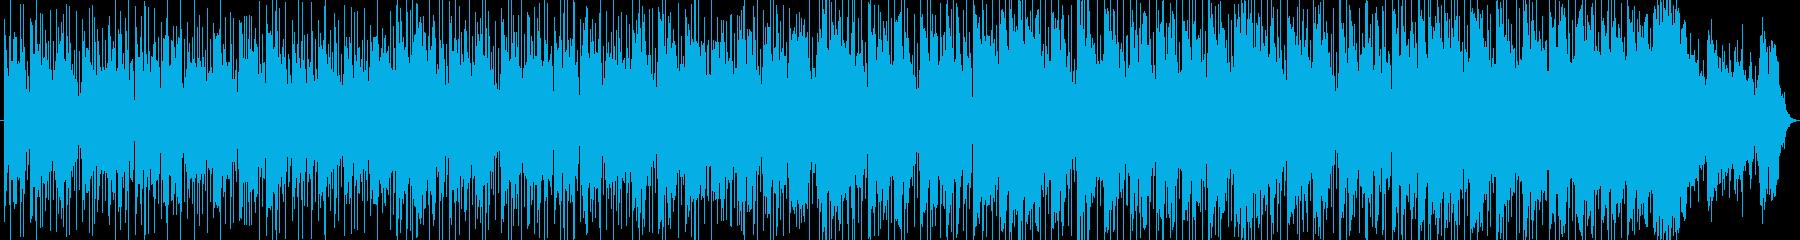 背景素材:ナレーション用BGM-1の再生済みの波形